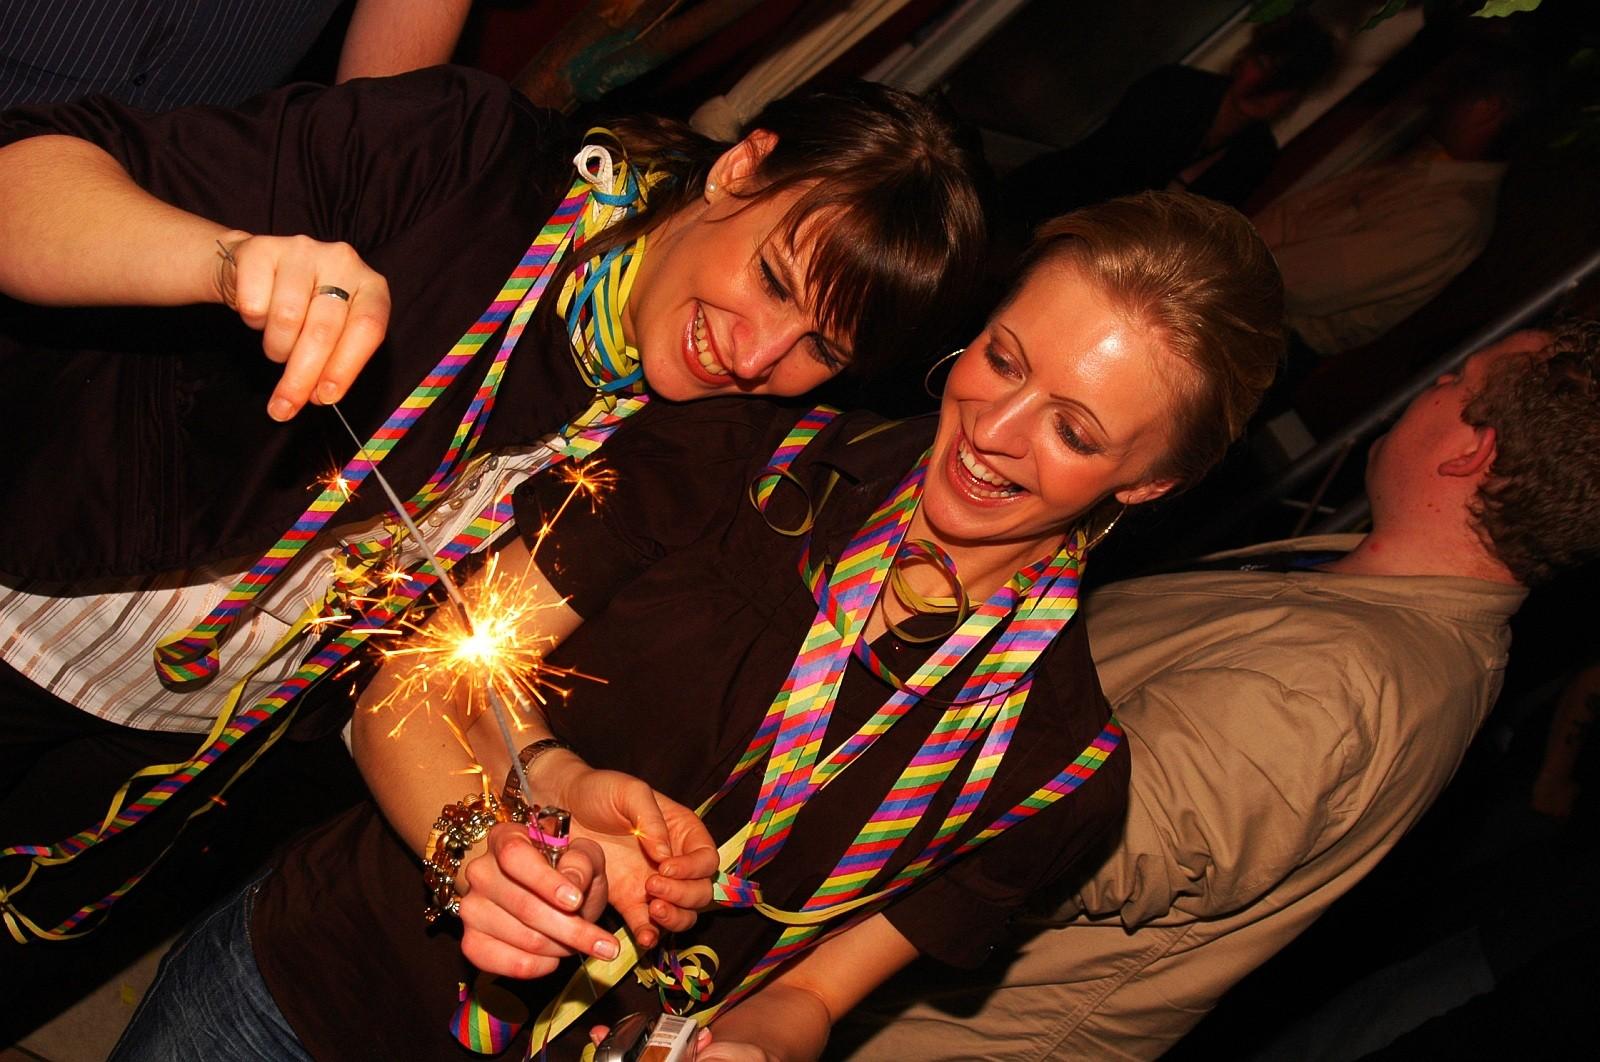 Cafe Seeterrassen Gäste - OXMOX verlost Tickets: Die besten Silvester-Partys